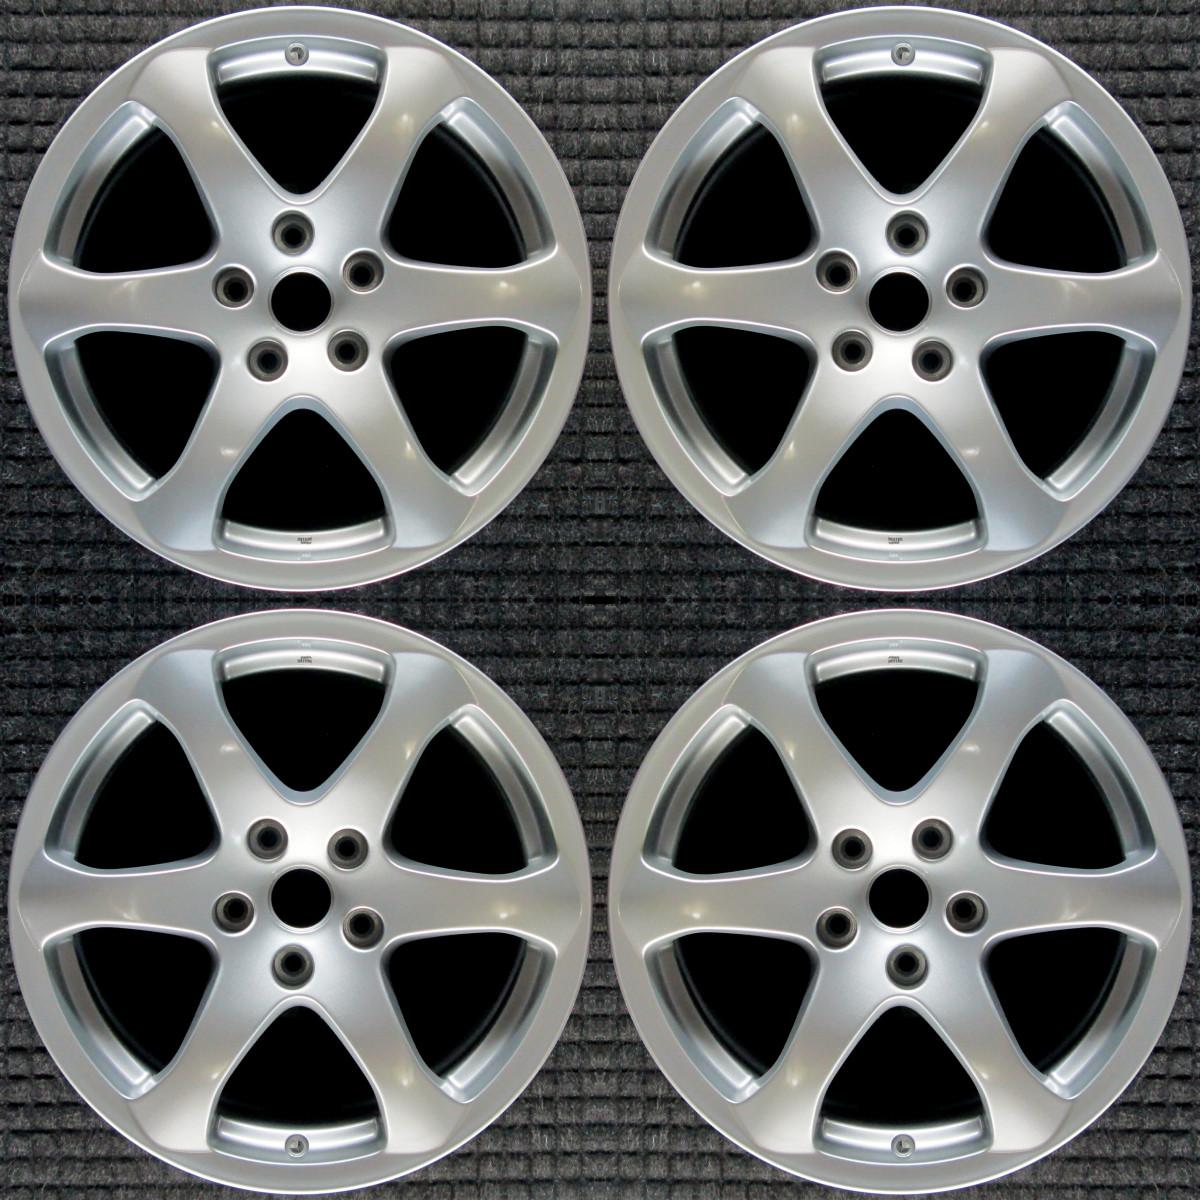 Infiniti J30  Left Side 15 inch OEM Wheel  1993-1997 4030010Y25 4030010Y26